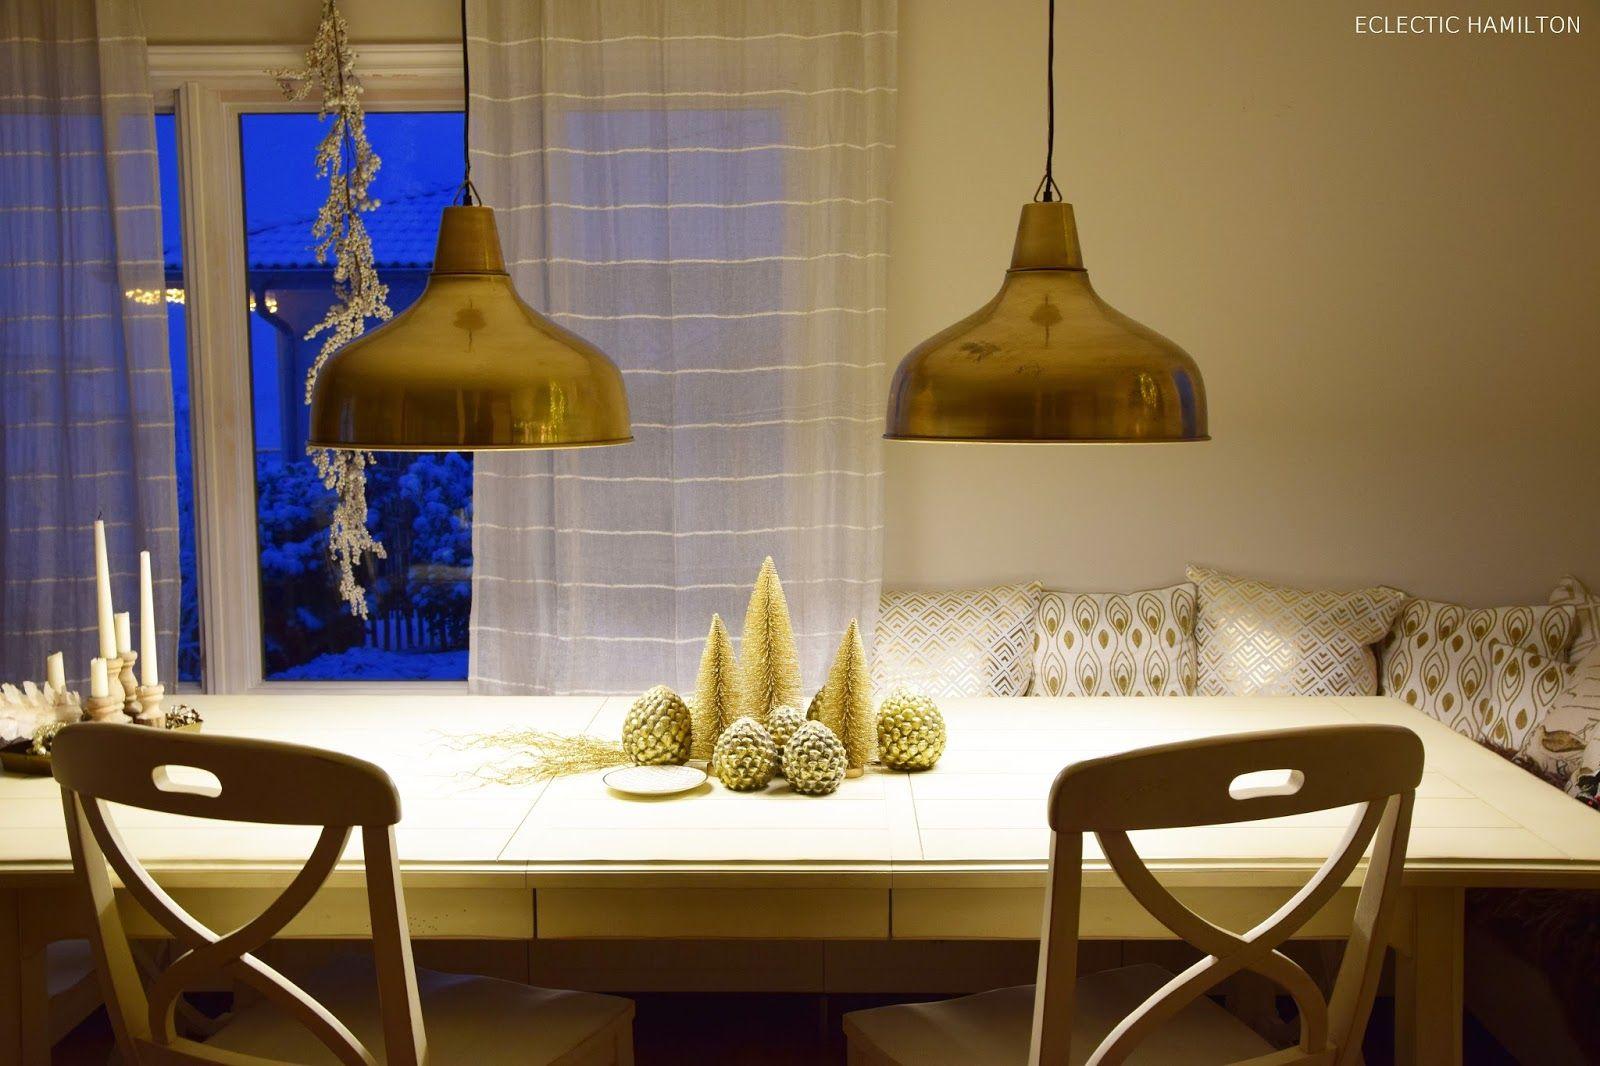 Fantastisch Neue Lampen Für Mein Esszimmer Und Tipps Zum Leuchtmittelkauf